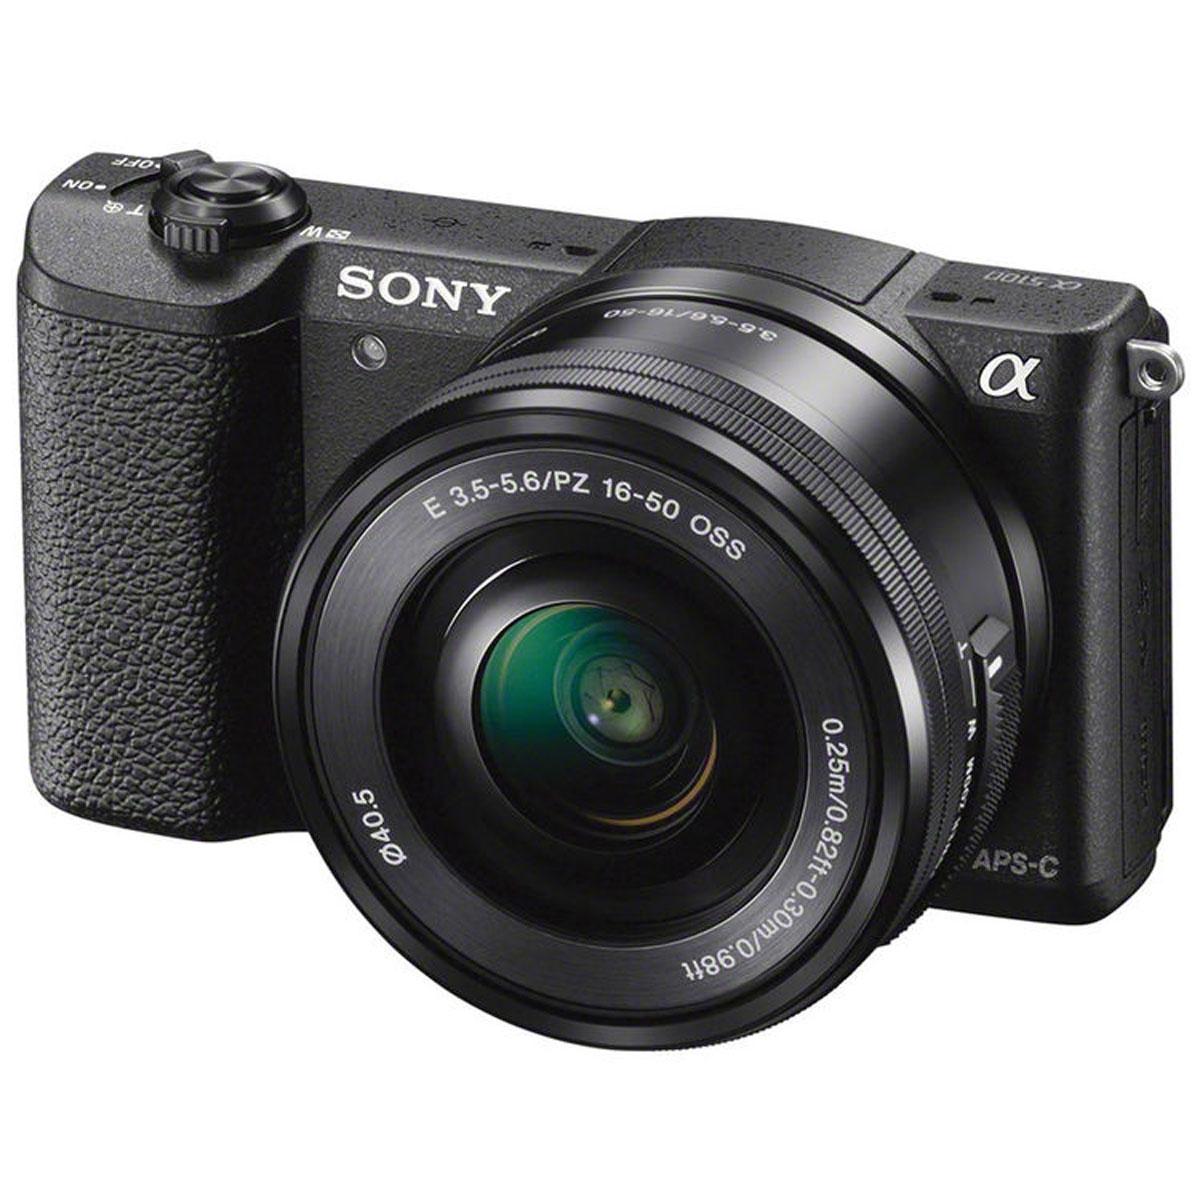 Sony Alpha A5100 Kit 16-50mm E PZ, Black цифровая фотокамераILCE5100LB.CECSony Alpha A5100 - цифровая фотокамера со сменной оптикой для профессиональных результатов.Быстрый гибридный автофокус обеспечивает невероятную четкость и контрастность изображений и видео — вы не упустите ни одного кадра. Технология 4D FOCUS обеспечивает непревзойденную работу системы автофокуса в четырех измерениях: широкая зона охвата (2 измерения по горизонтали и вертикали), скорость работы автофокуса (3-е измерение, глубина) и следящий автофокус с упреждением (4-е измерение, время). Эта компактная камера с несколькими режимами автофокуса позволяет всегда получать потрясающие снимки. Следите за движущимися объектами, настраивайте размер кадра и получайте невероятно точную фокусировку.Совершенная матрица Exmor APS-C CMOS и усовершенствованный процессор изображений BIONZ XРазмещение интегральных линз без зазоров оптимизирует светосилу и минимальный уровень шума. Улучшенный процессор использует алгоритм понижения шума для фотографий при слабом освещении, с более естественными цветами и детализацией. Вам также доступна расширенная чувствительность для создания естественных фотографий при слабом освещении или в помещении без использования вспышки. Снимайте такие же потрясающие видео на A5100. Быстрый следящий автофокус, размытый задний план и звук высокого качества прилагаются.Поддержка Wi-Fi и NFC упрощает процесс передачи фотографий и видео на телевизор с поддержкой NFC, а также на телефоны и планшеты Android — никакой сложной установки не потребуется. Выбирайте десятки уникальных приложений для съемки, обработки и передачи фотографий — от Smart Remote Control до Direct Upload.Формат кадра: 3:2, 16:9